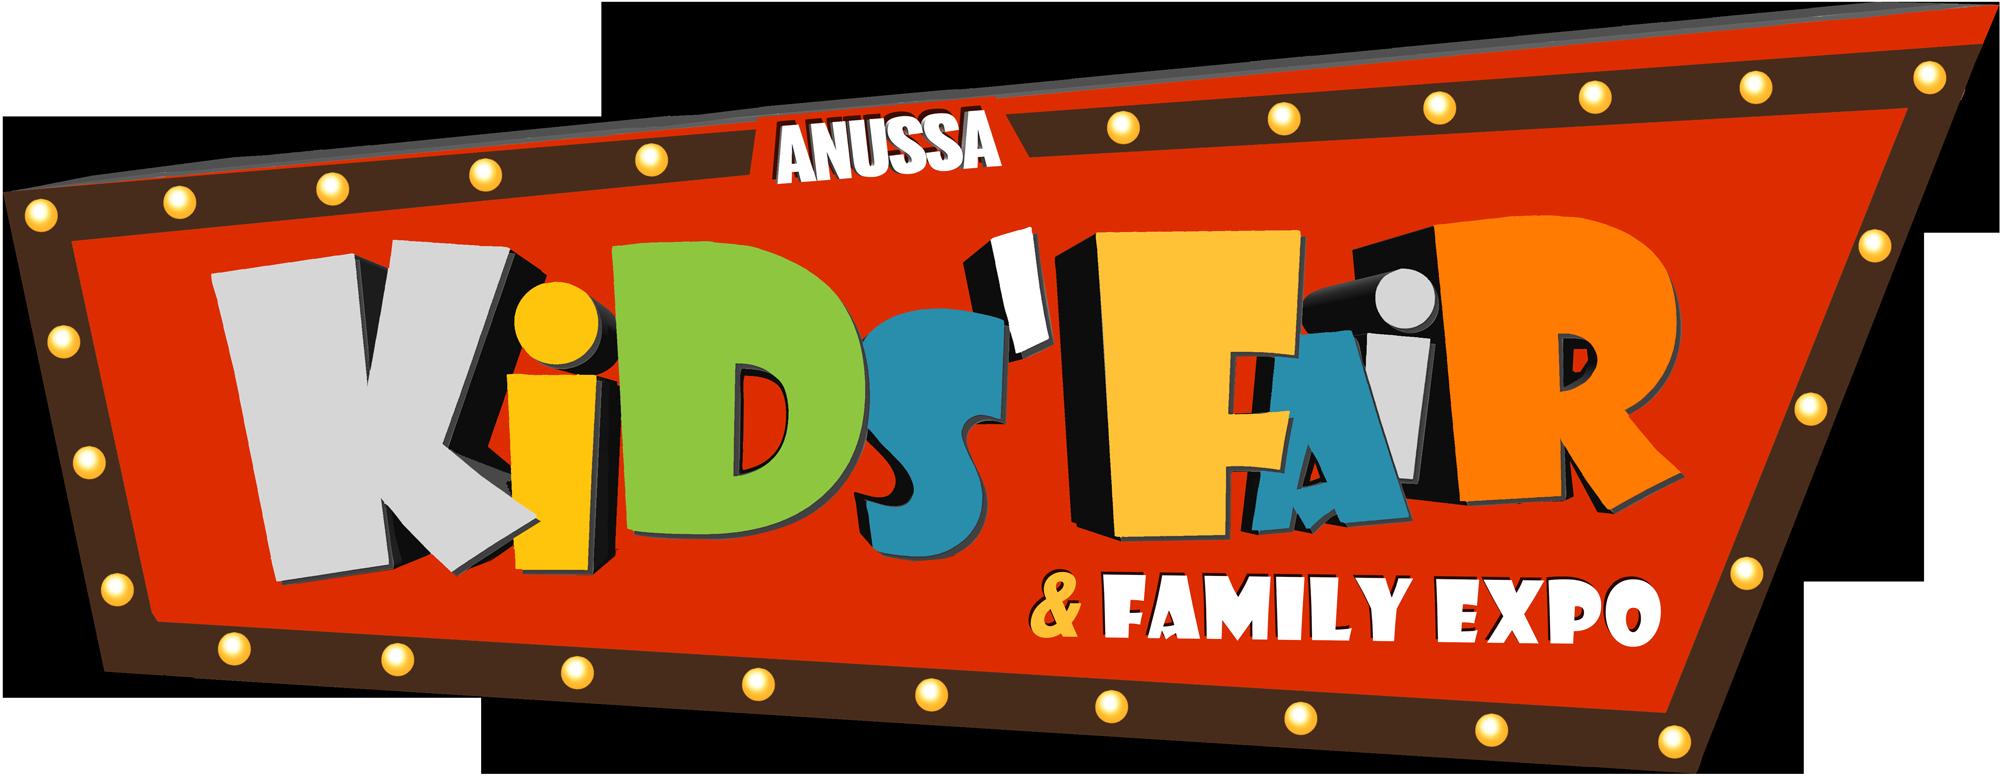 Anussa kids . Fair clipart family fun